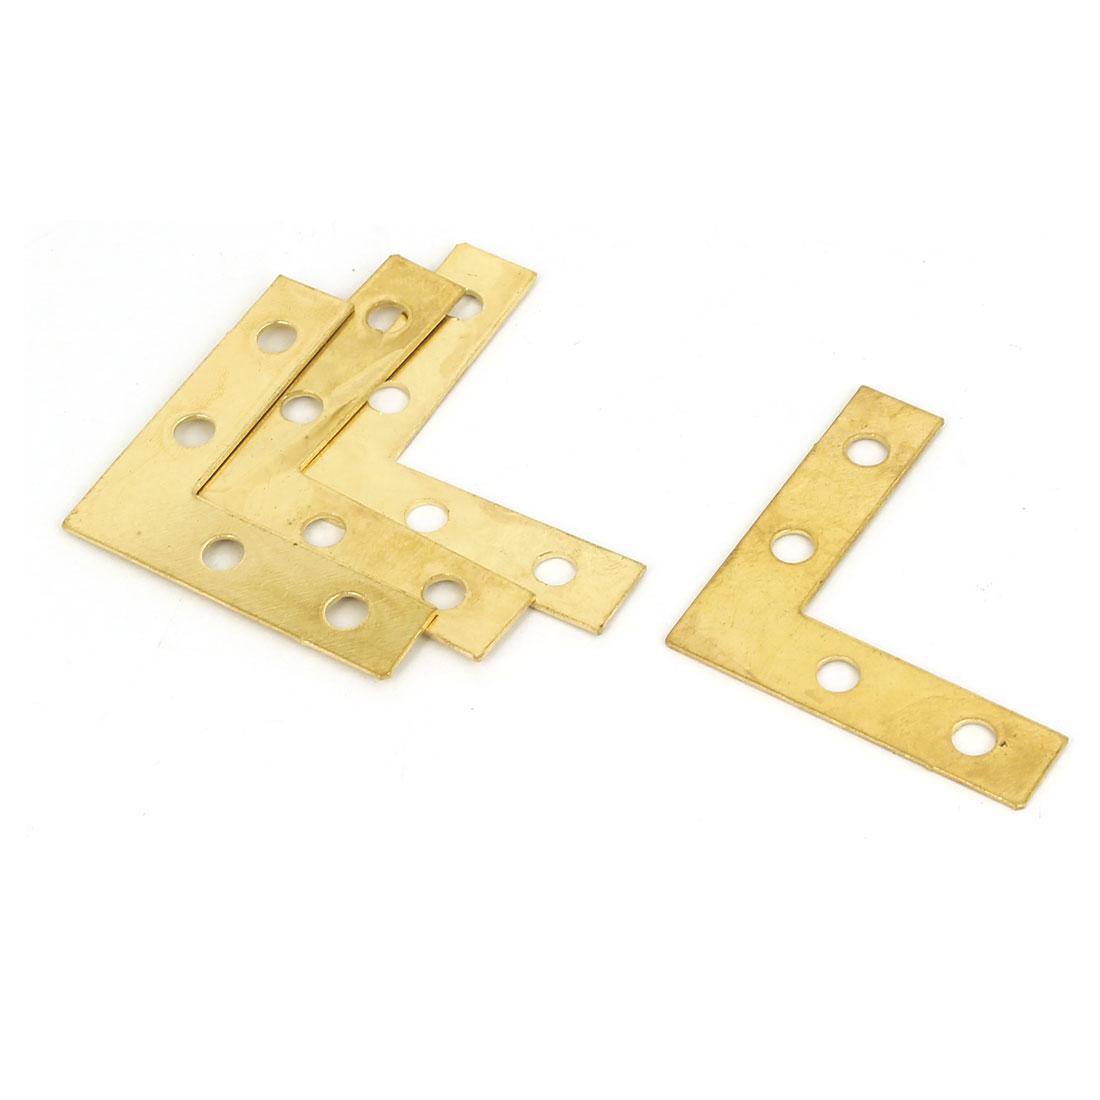 38mm x 38mm Angle Brackets Joint Fasteners Flat L Shape Repair Plates 4PCS